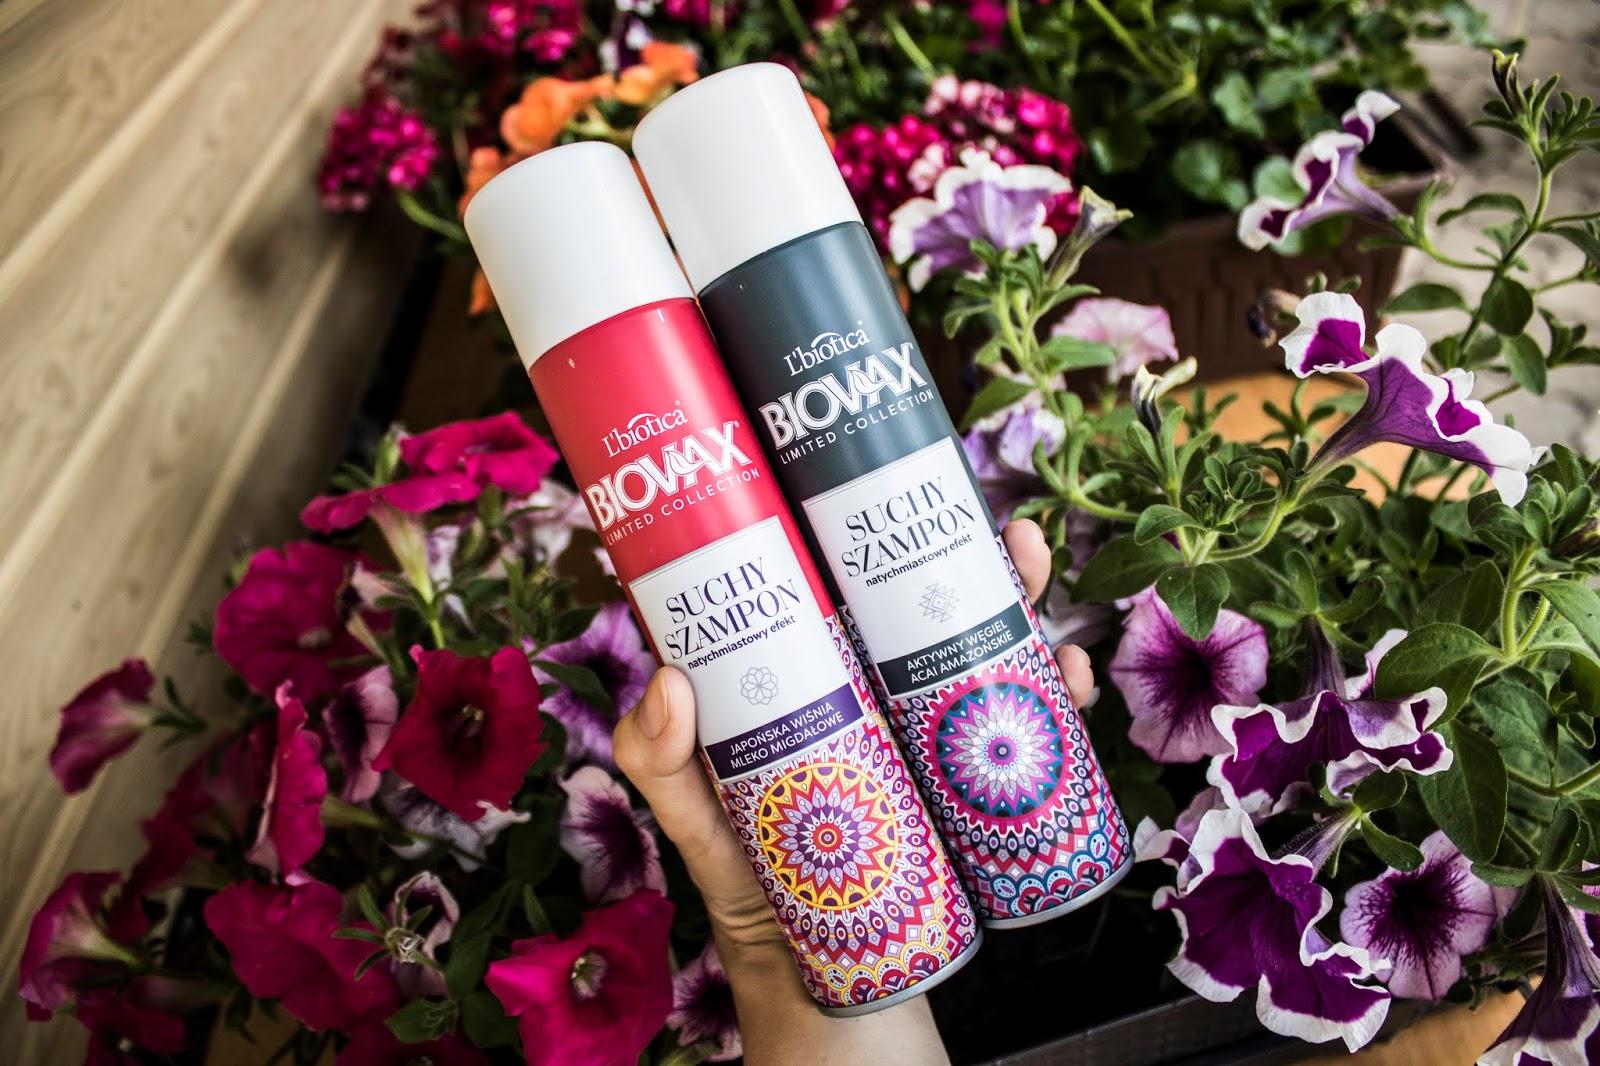 Suche szampony od l'biotica - piękne włosy latem